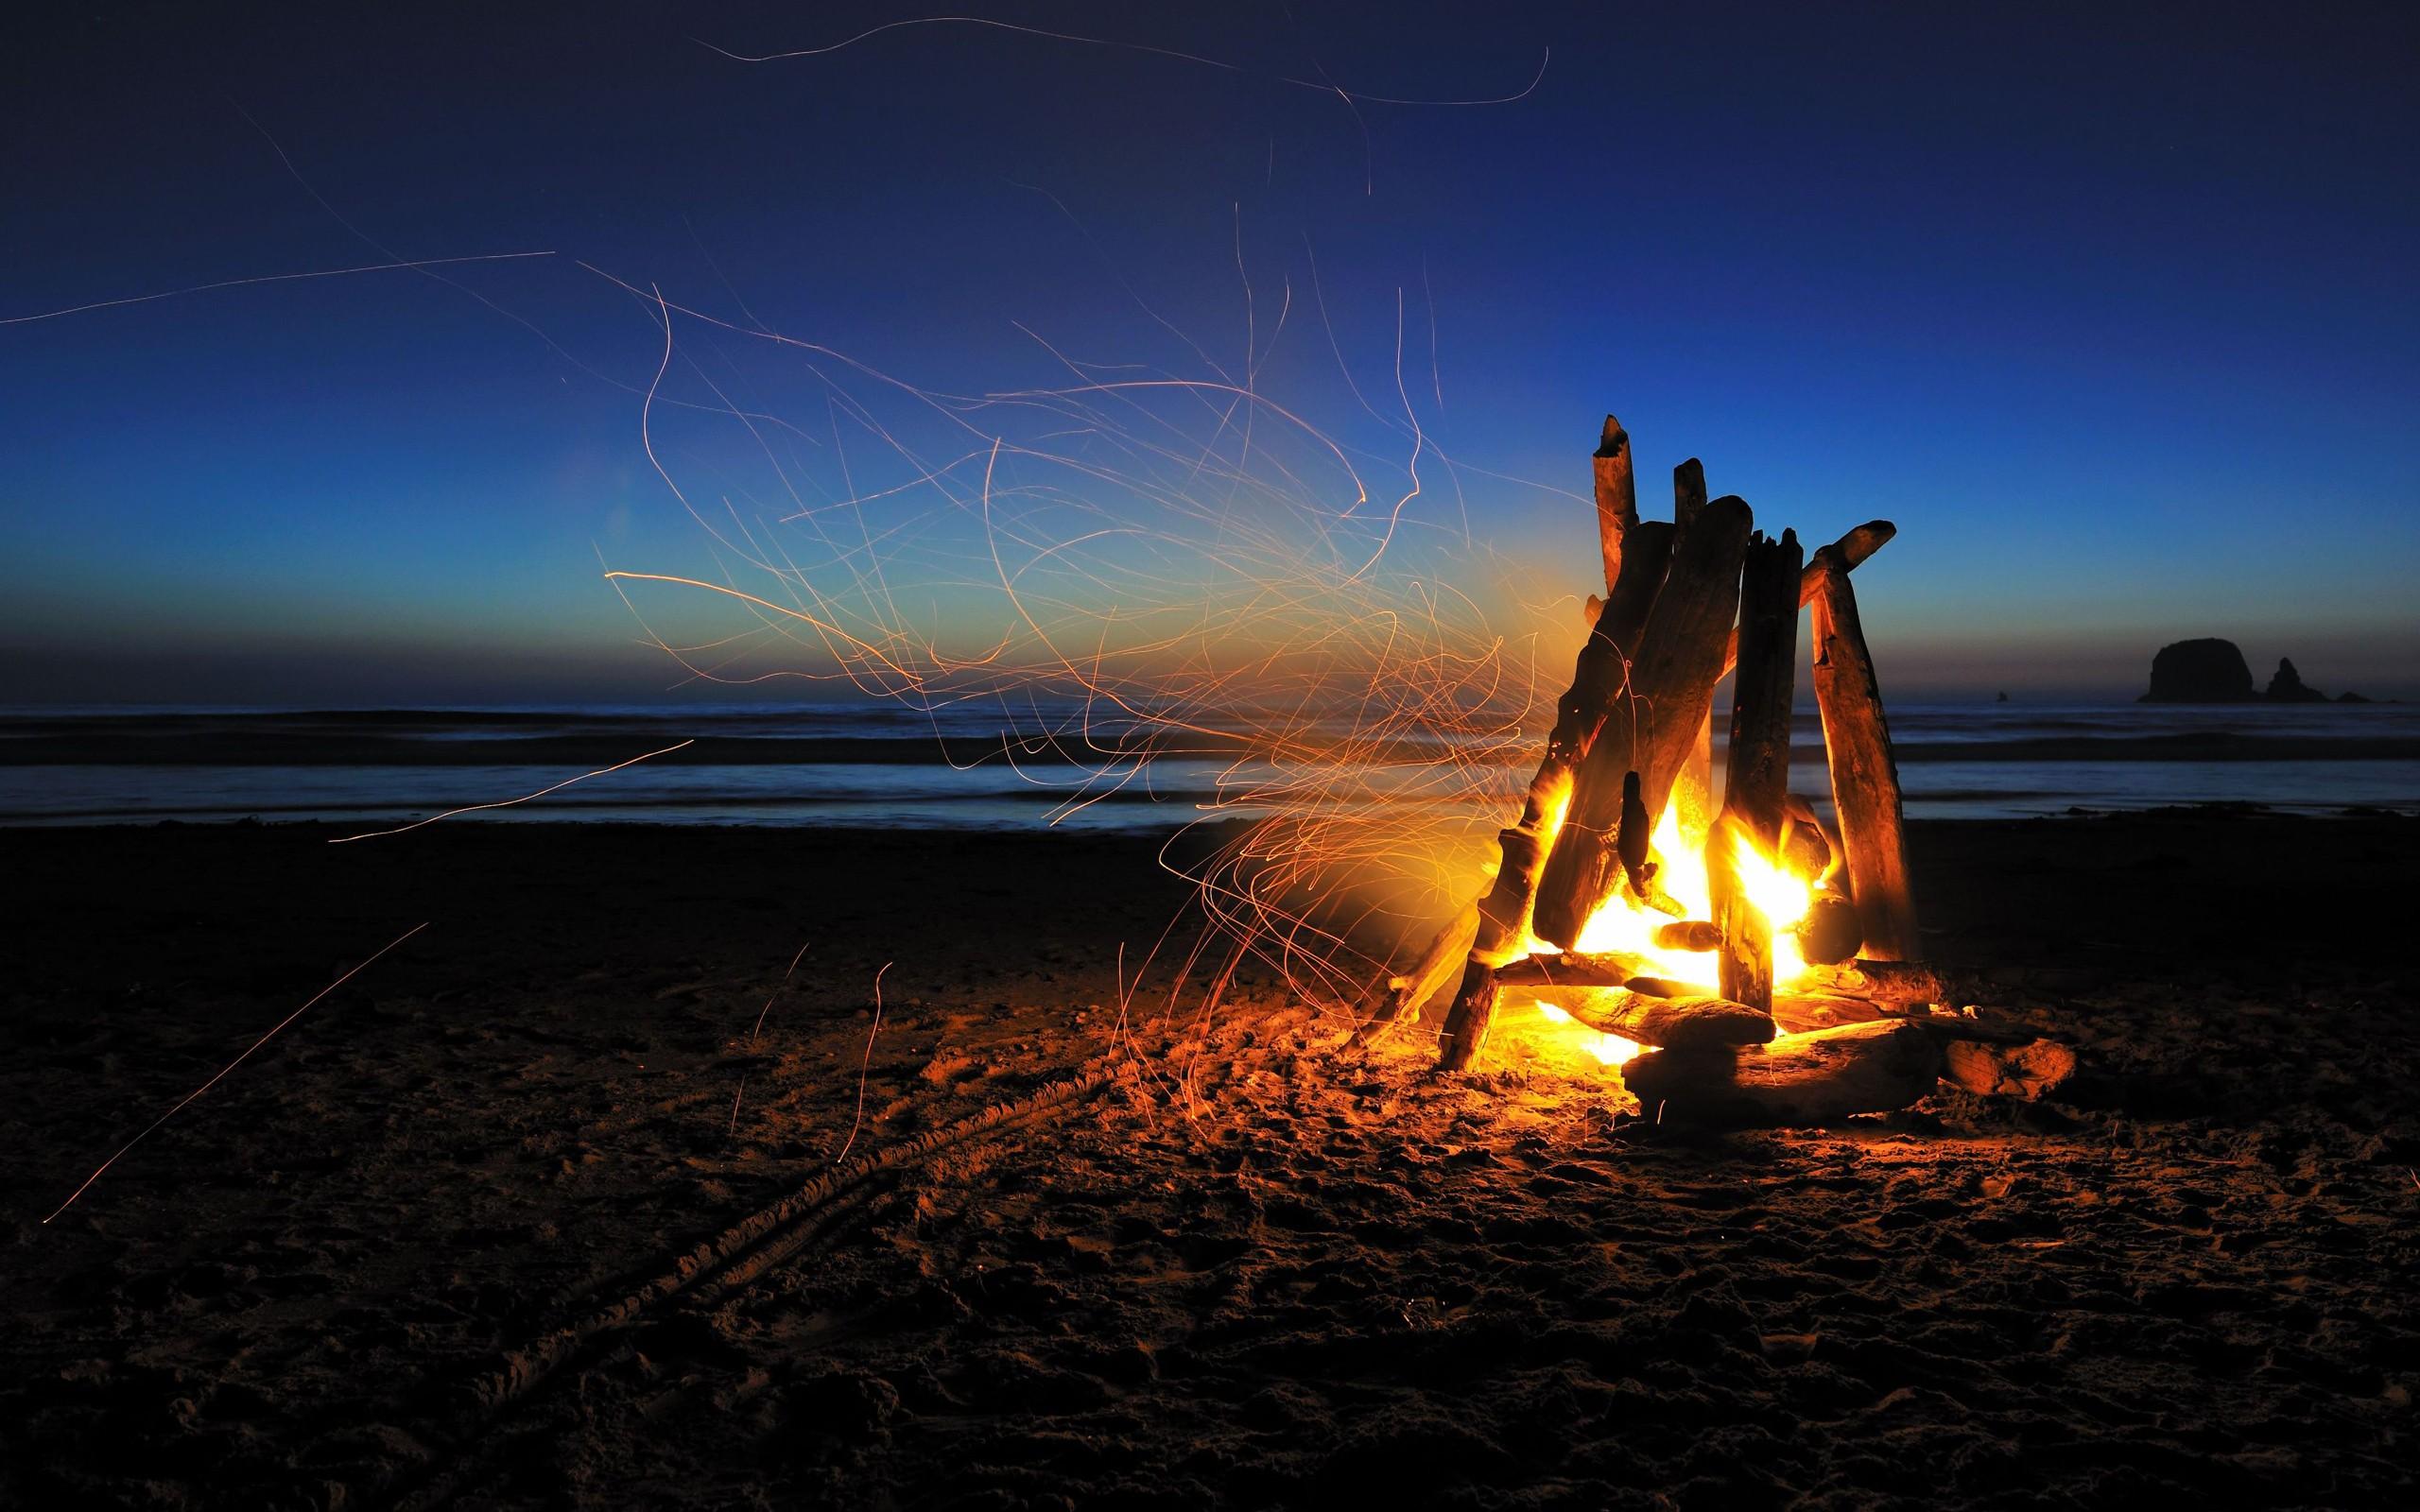 Una fogata en la playa - 2560x1600